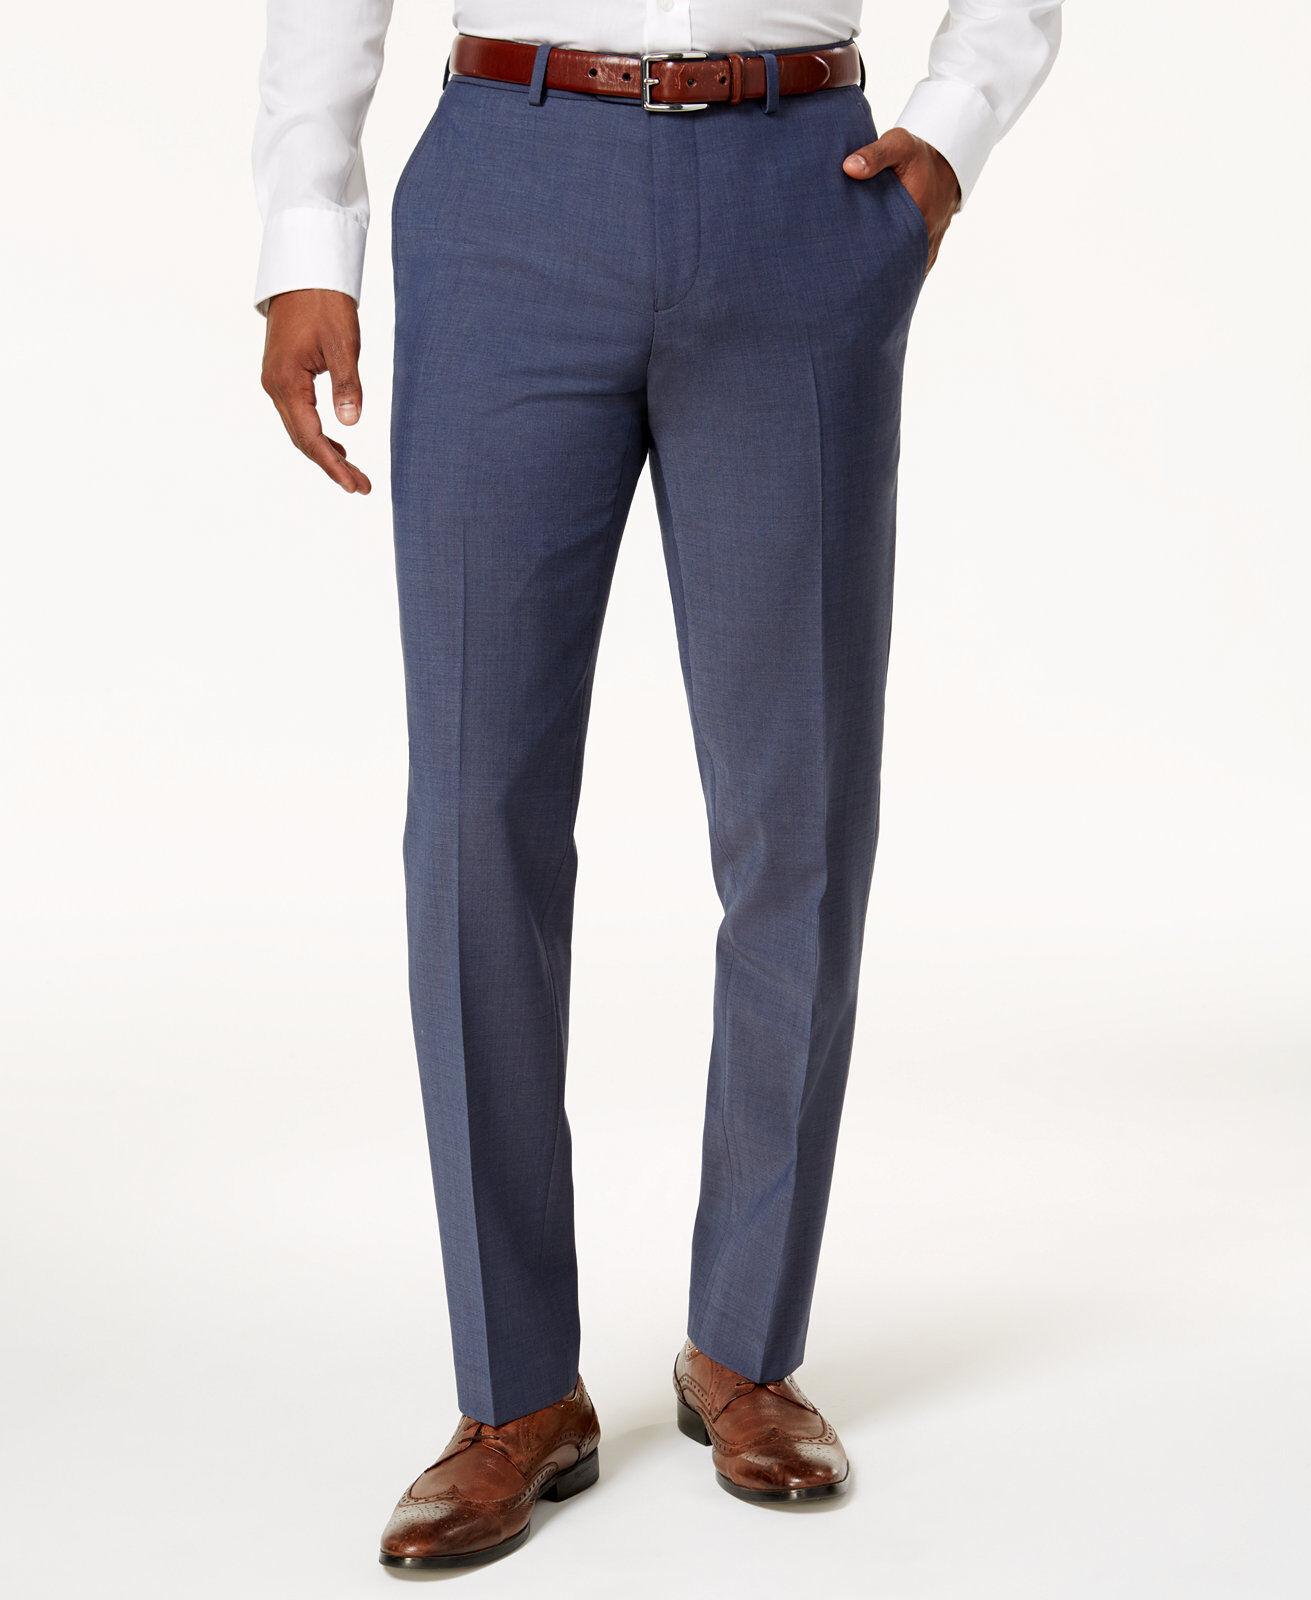 BAR III men blueE WOOL FLAT FRONT SLIM FIT DRESS PANTS TROUSERS 36 W 36 L